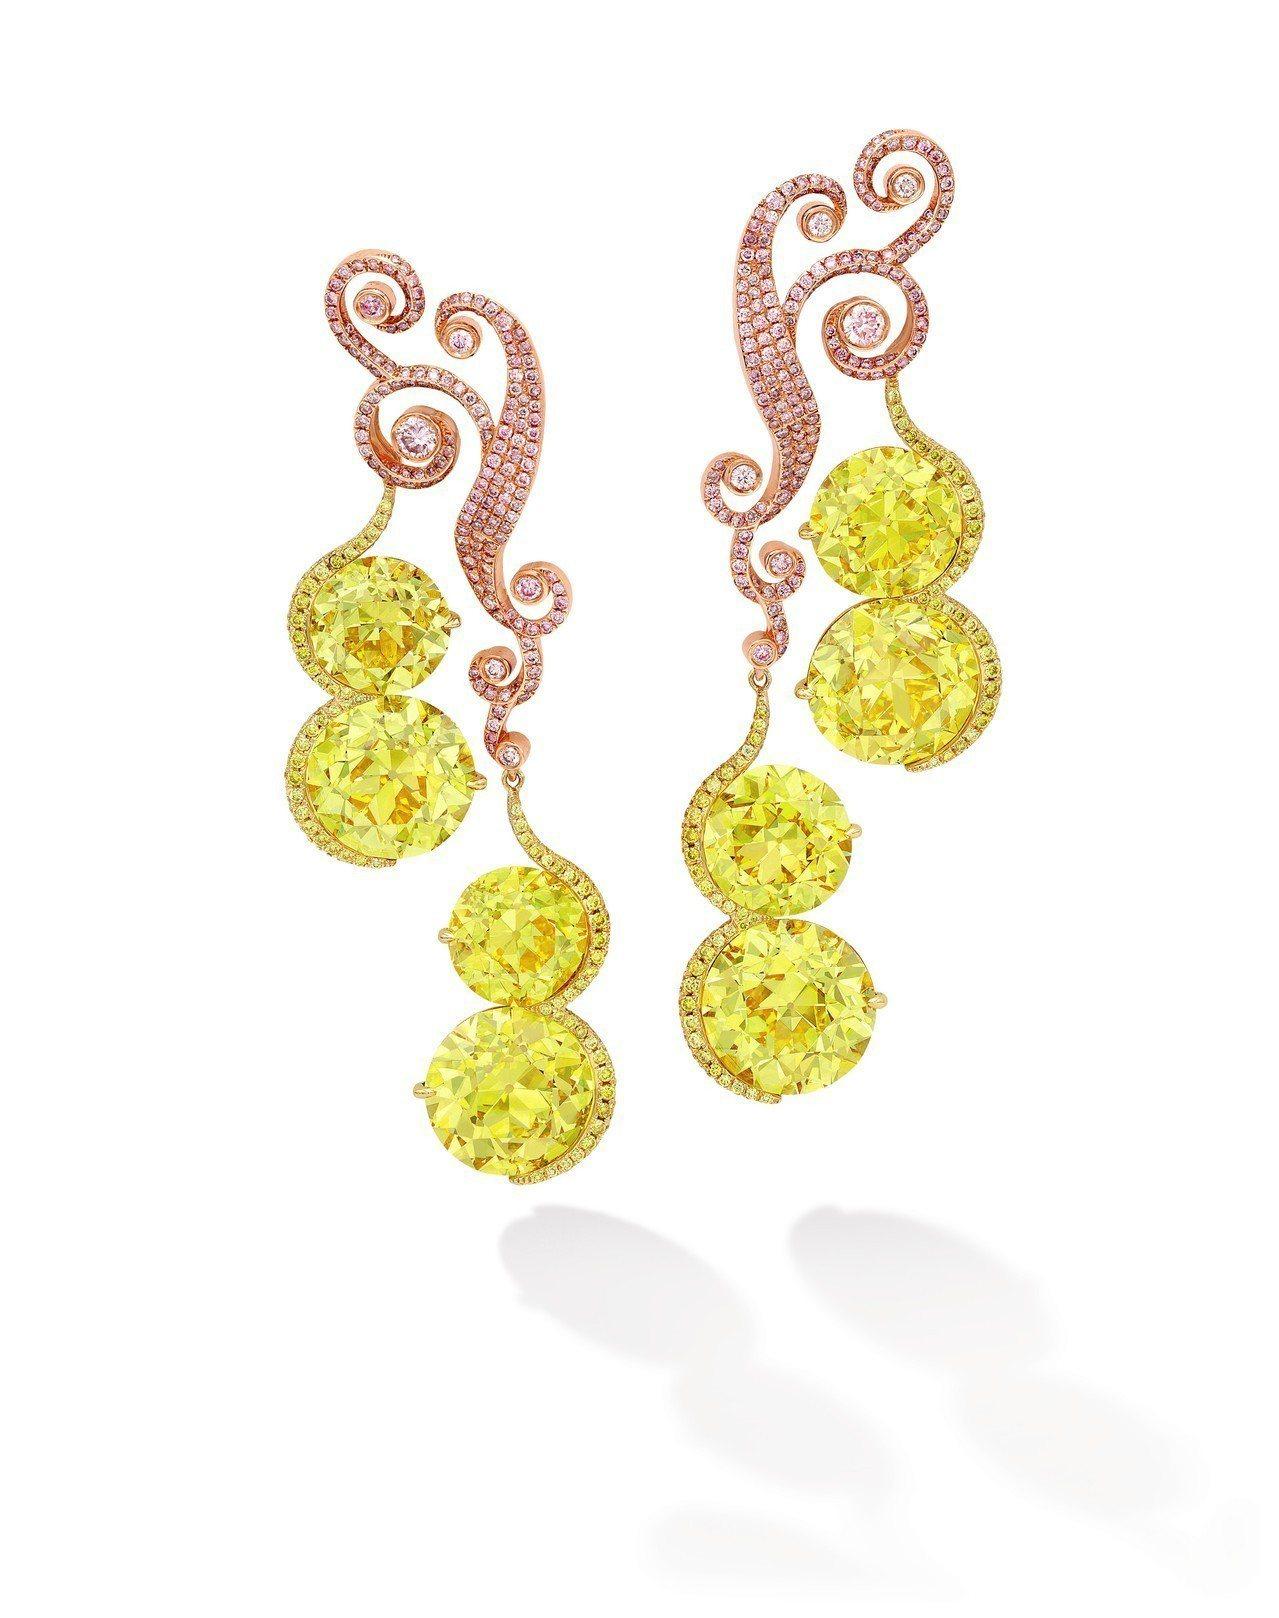 骨董切磨艷彩黃色鑽石耳環,艷彩黃鑽共重51.17克拉,估價約1.48億元起。圖/...